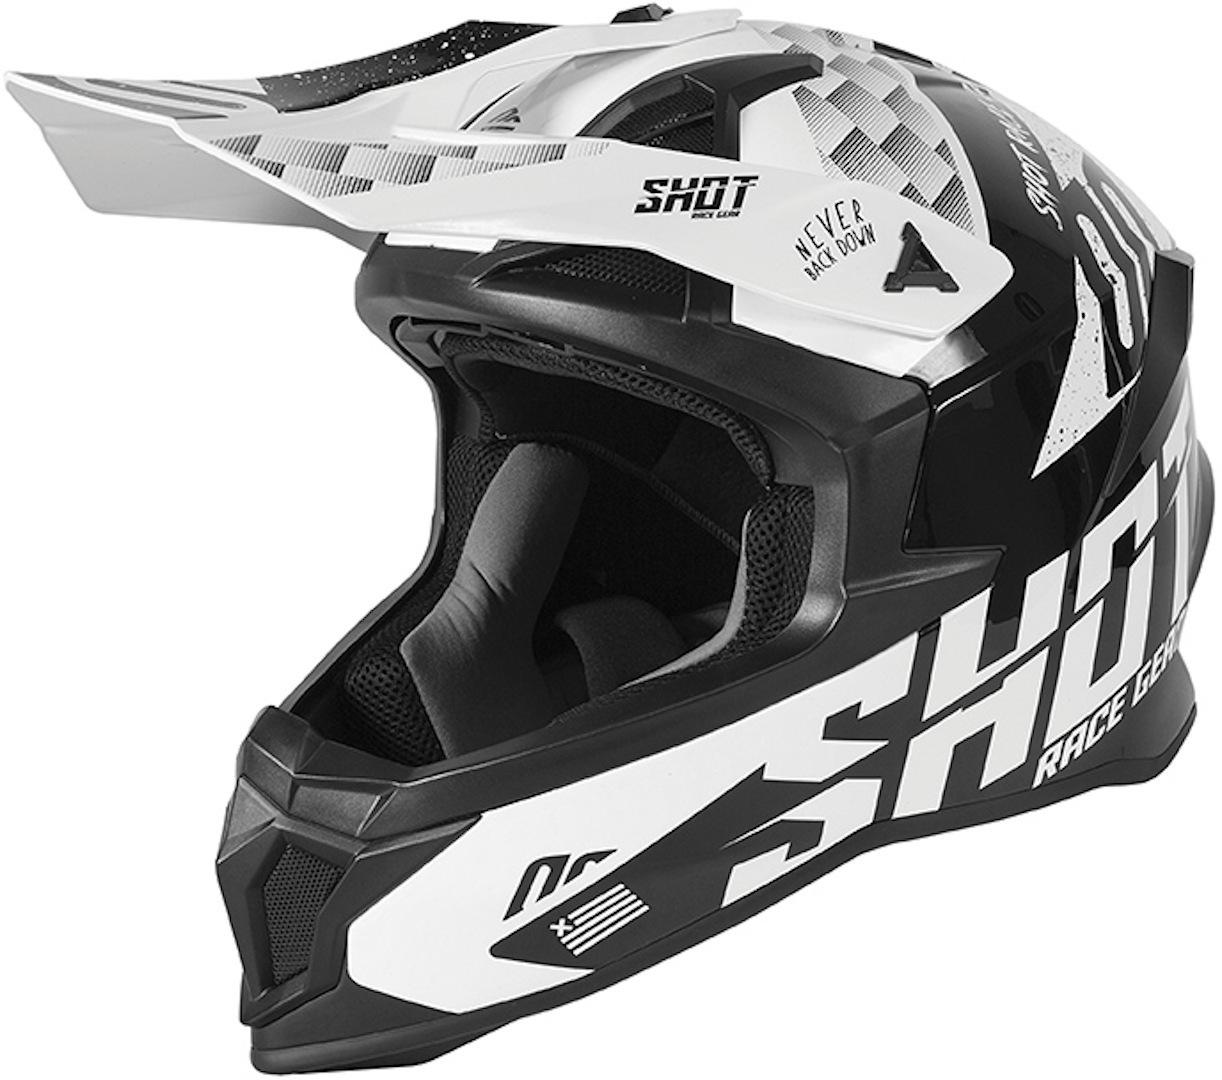 Shot Lite Rush Motocross Helm, schwarz, Größe XS, schwarz, Größe XS